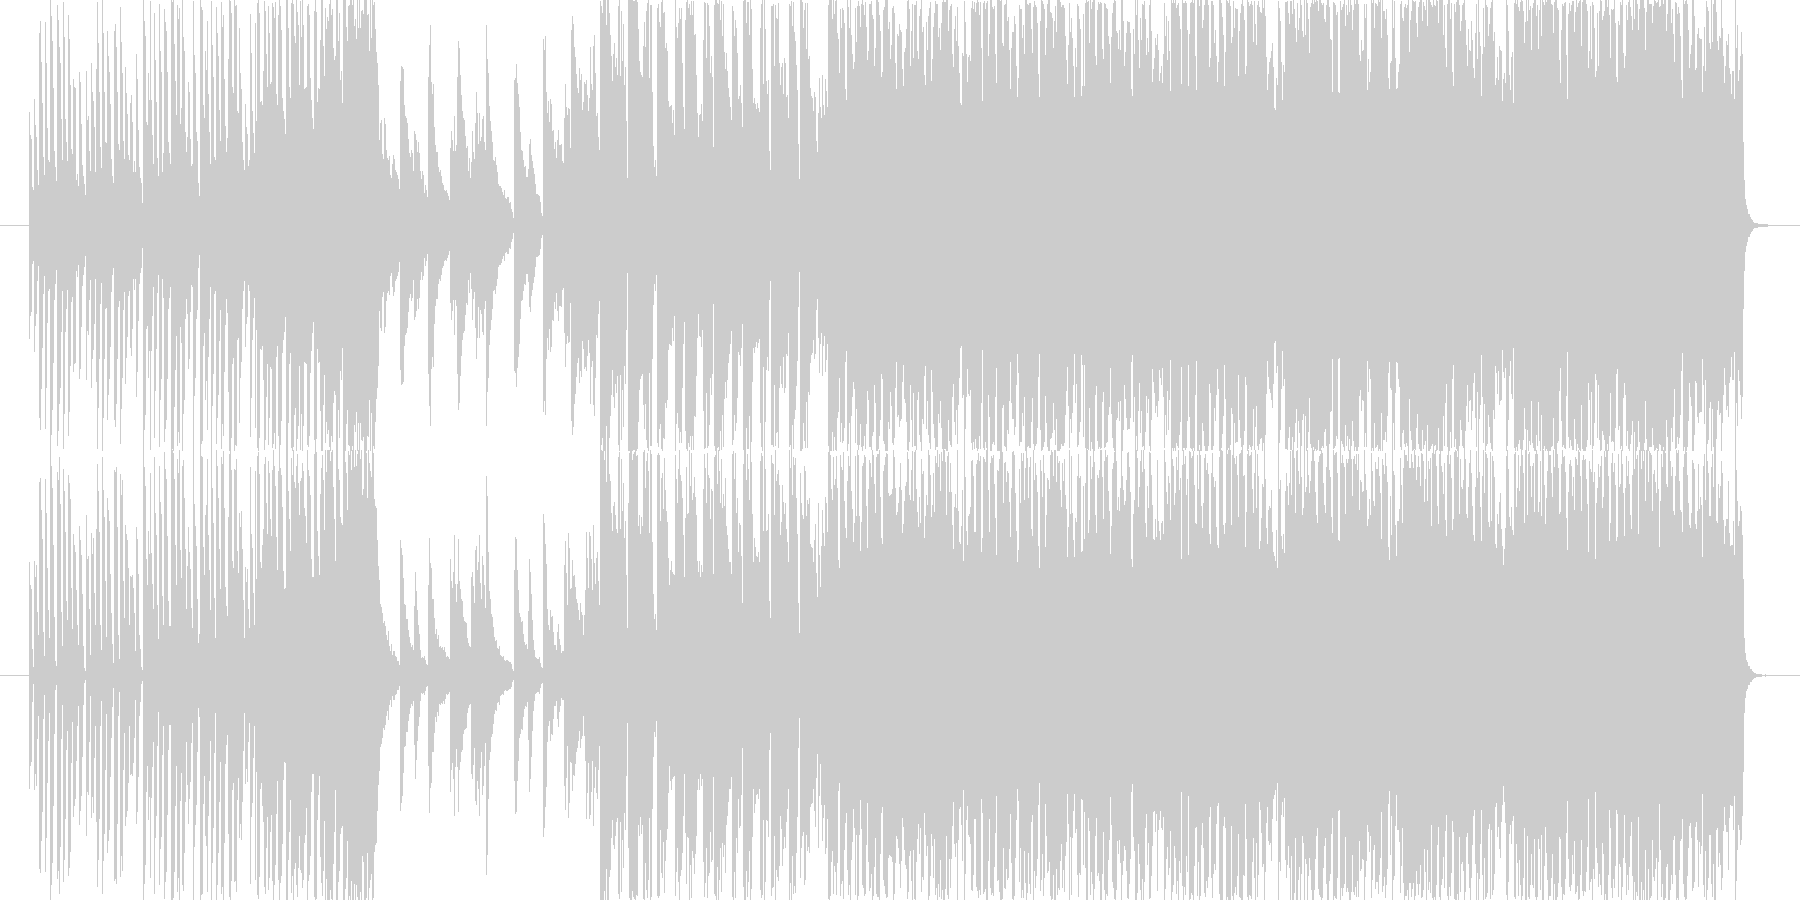 戦闘BGMやテーマソングなど、色々な場…の未再生の波形